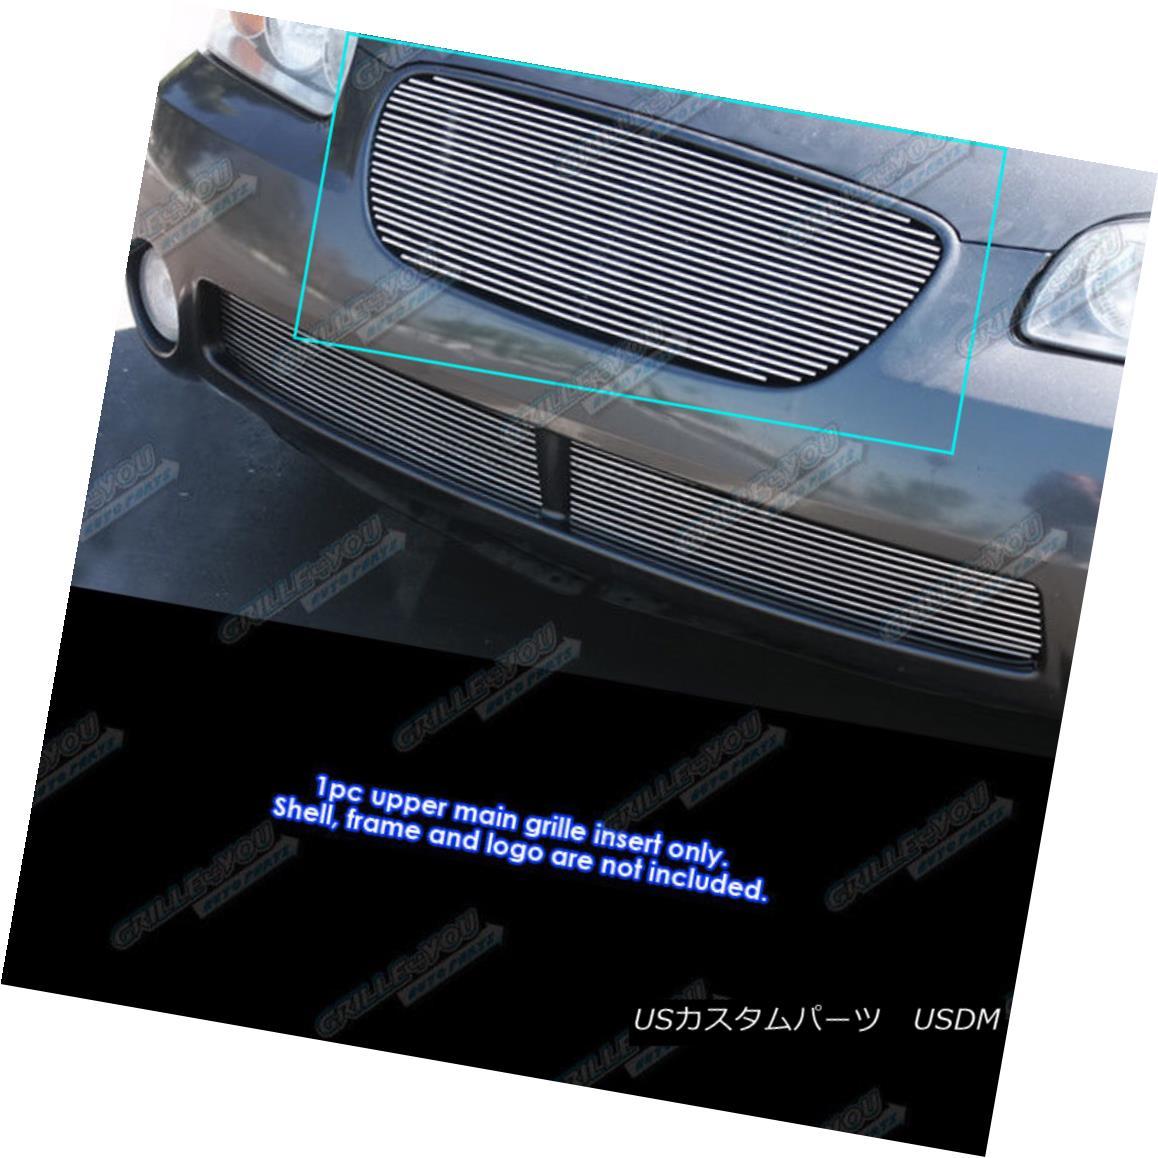 グリル Fits 2002-2003 Nissan Maxima SE/GXE Billet Grill Grille Insert フィット2002-2003日産マキシマSE / GXEビレットグリルグリルインサート